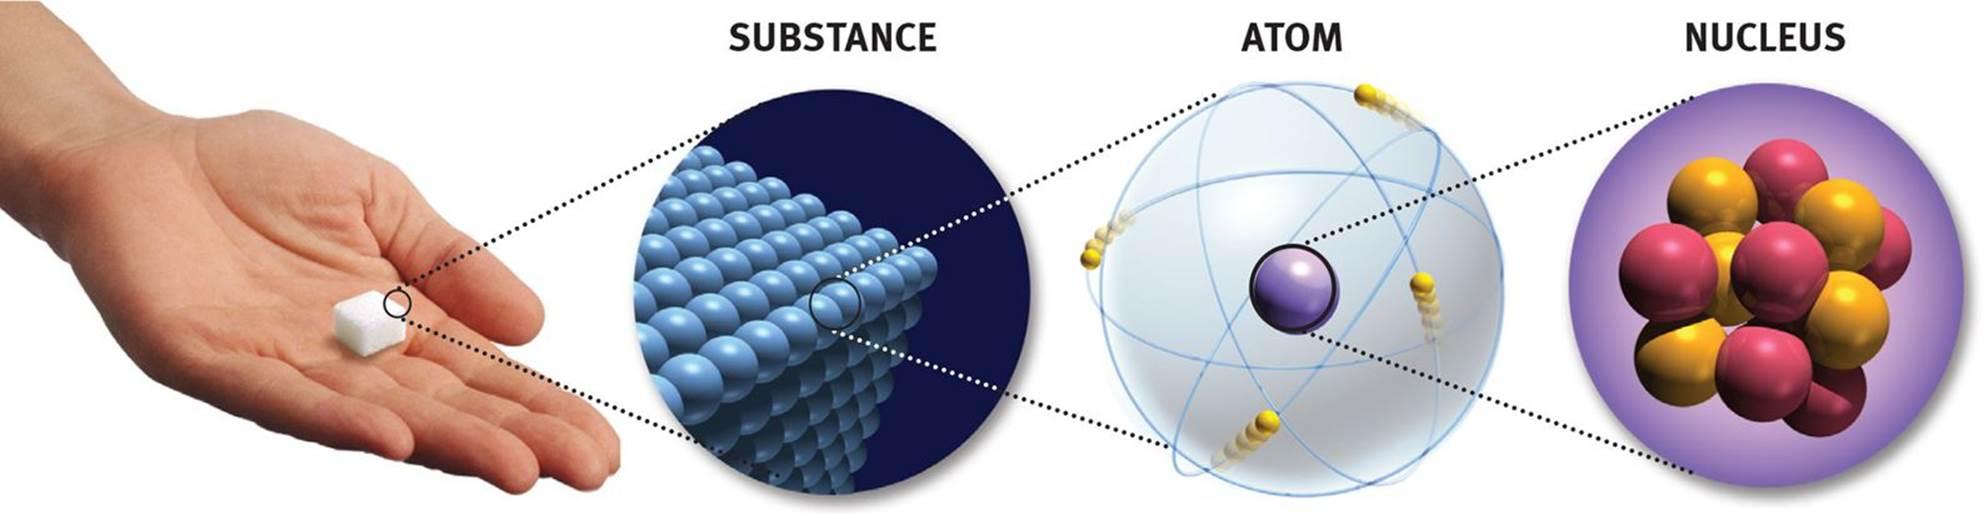 Proton particle